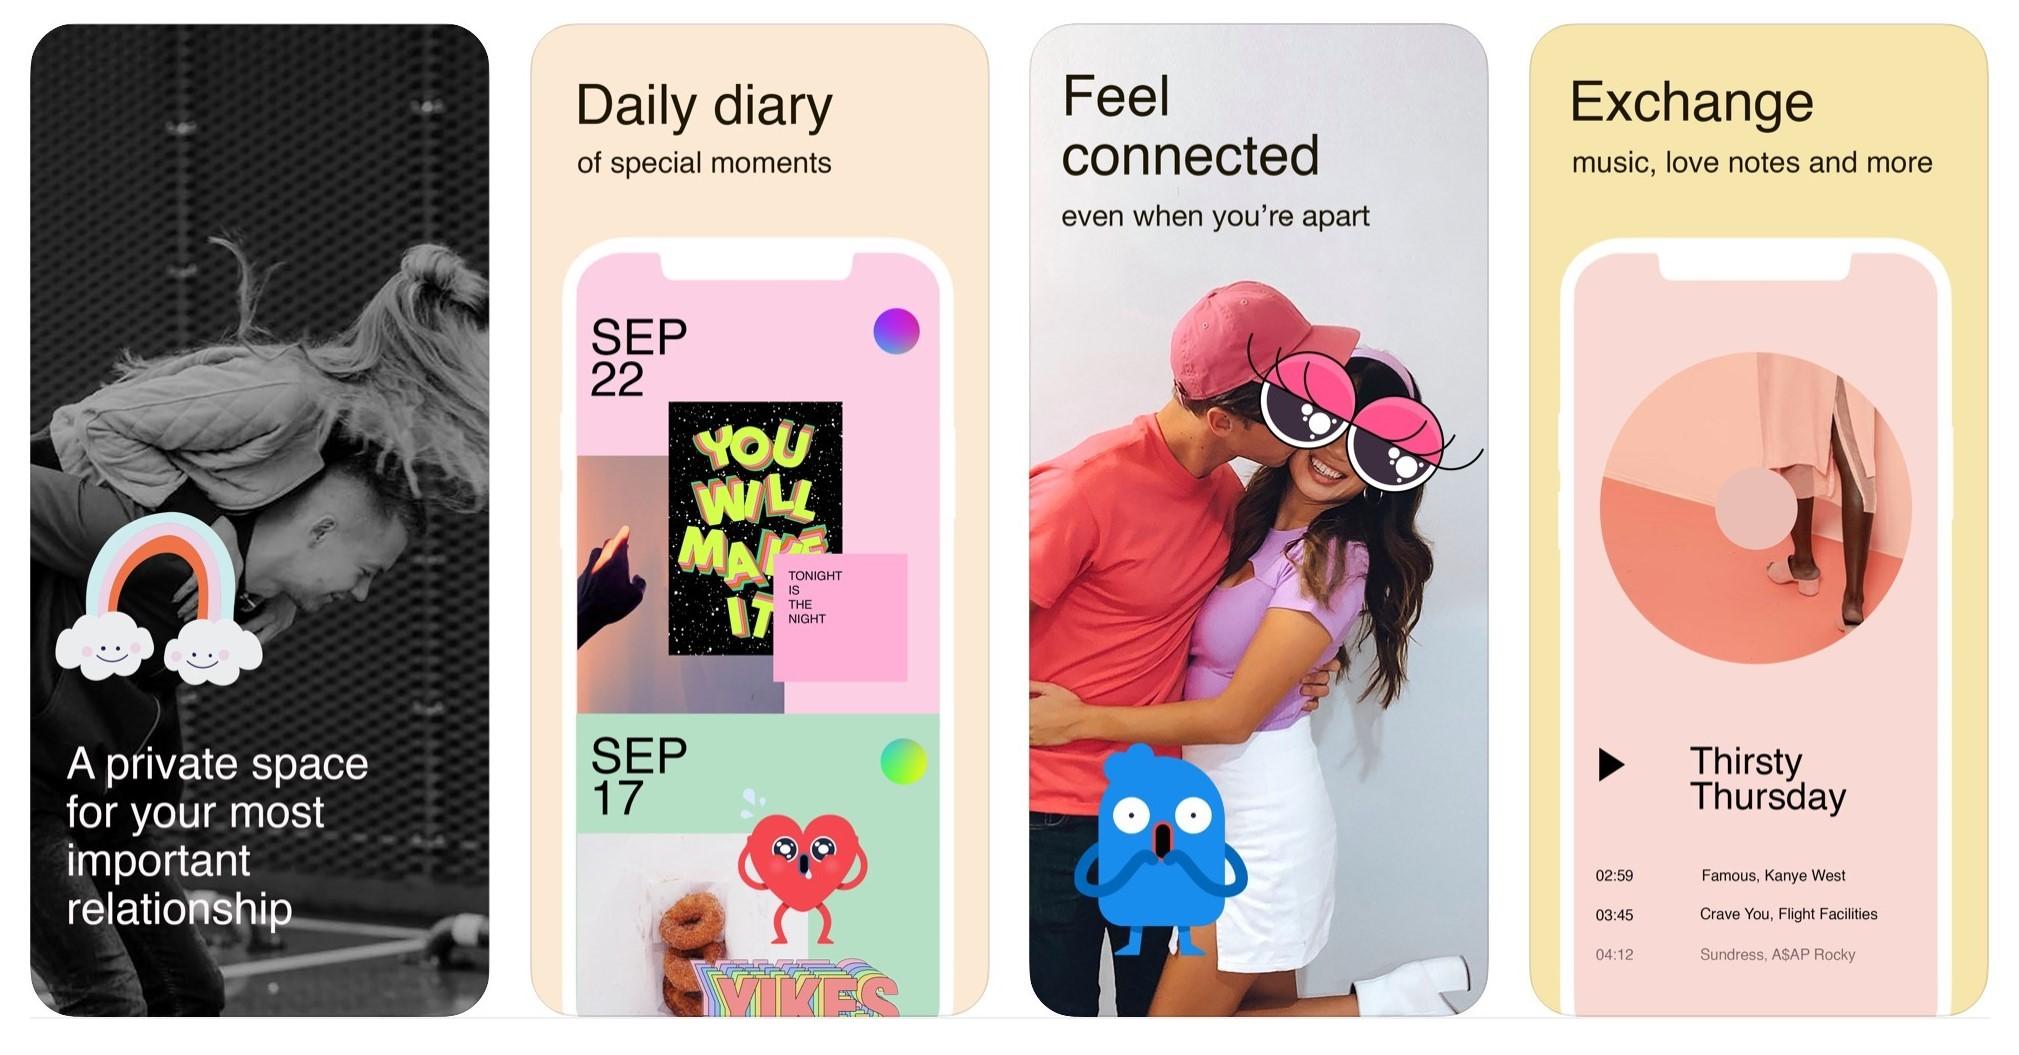 Facebook uruchamia Tuned - cyfrowy pamiętnik dla par, które chcą mieć własne miejsce w sieci